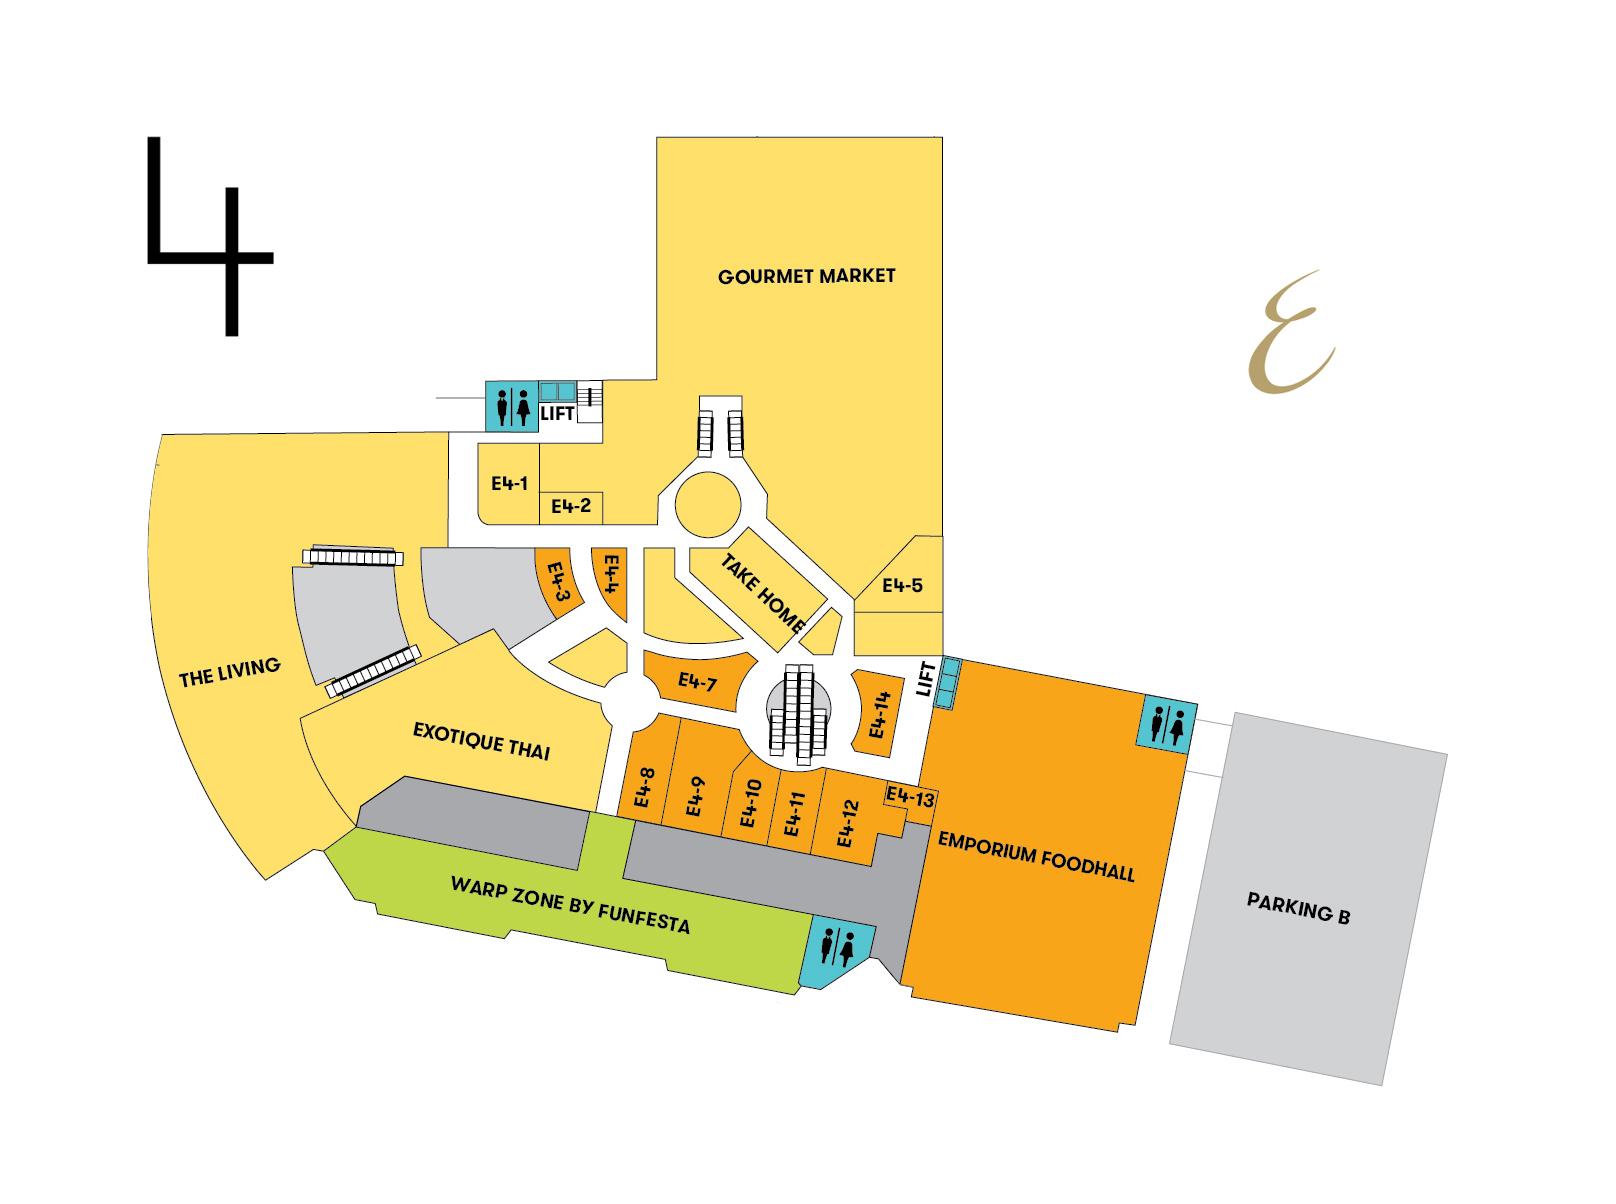 แผนที่ร้านค้าทั้งหมดในเอ็มโพเรียม